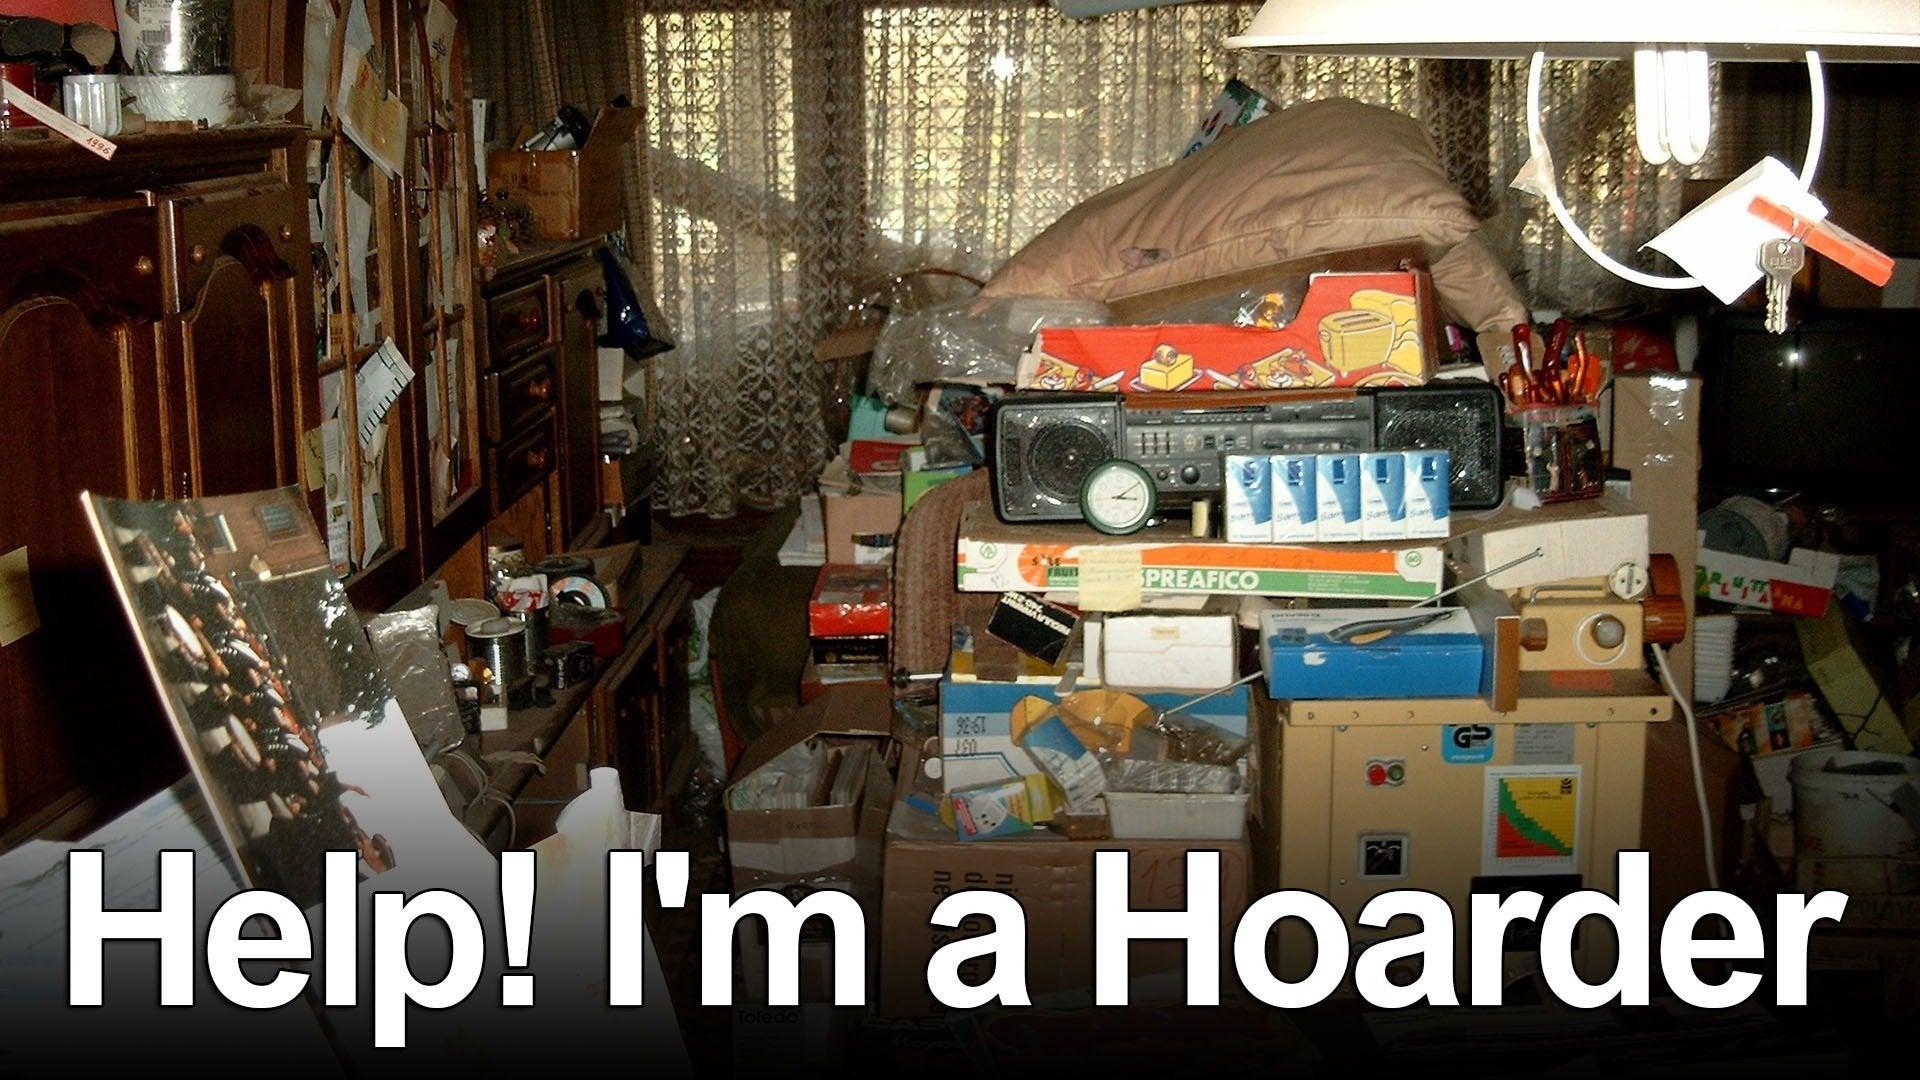 Help! I'm a Hoarder